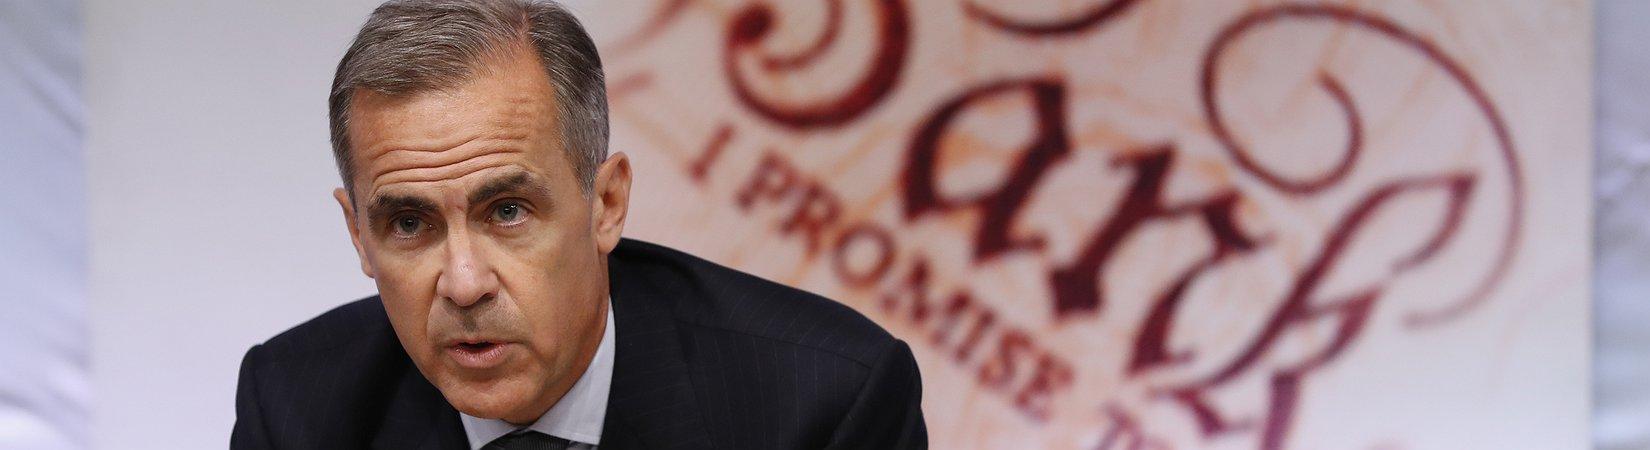 La Bank of England pensa a una criptovaluta agganciata alla sterlina